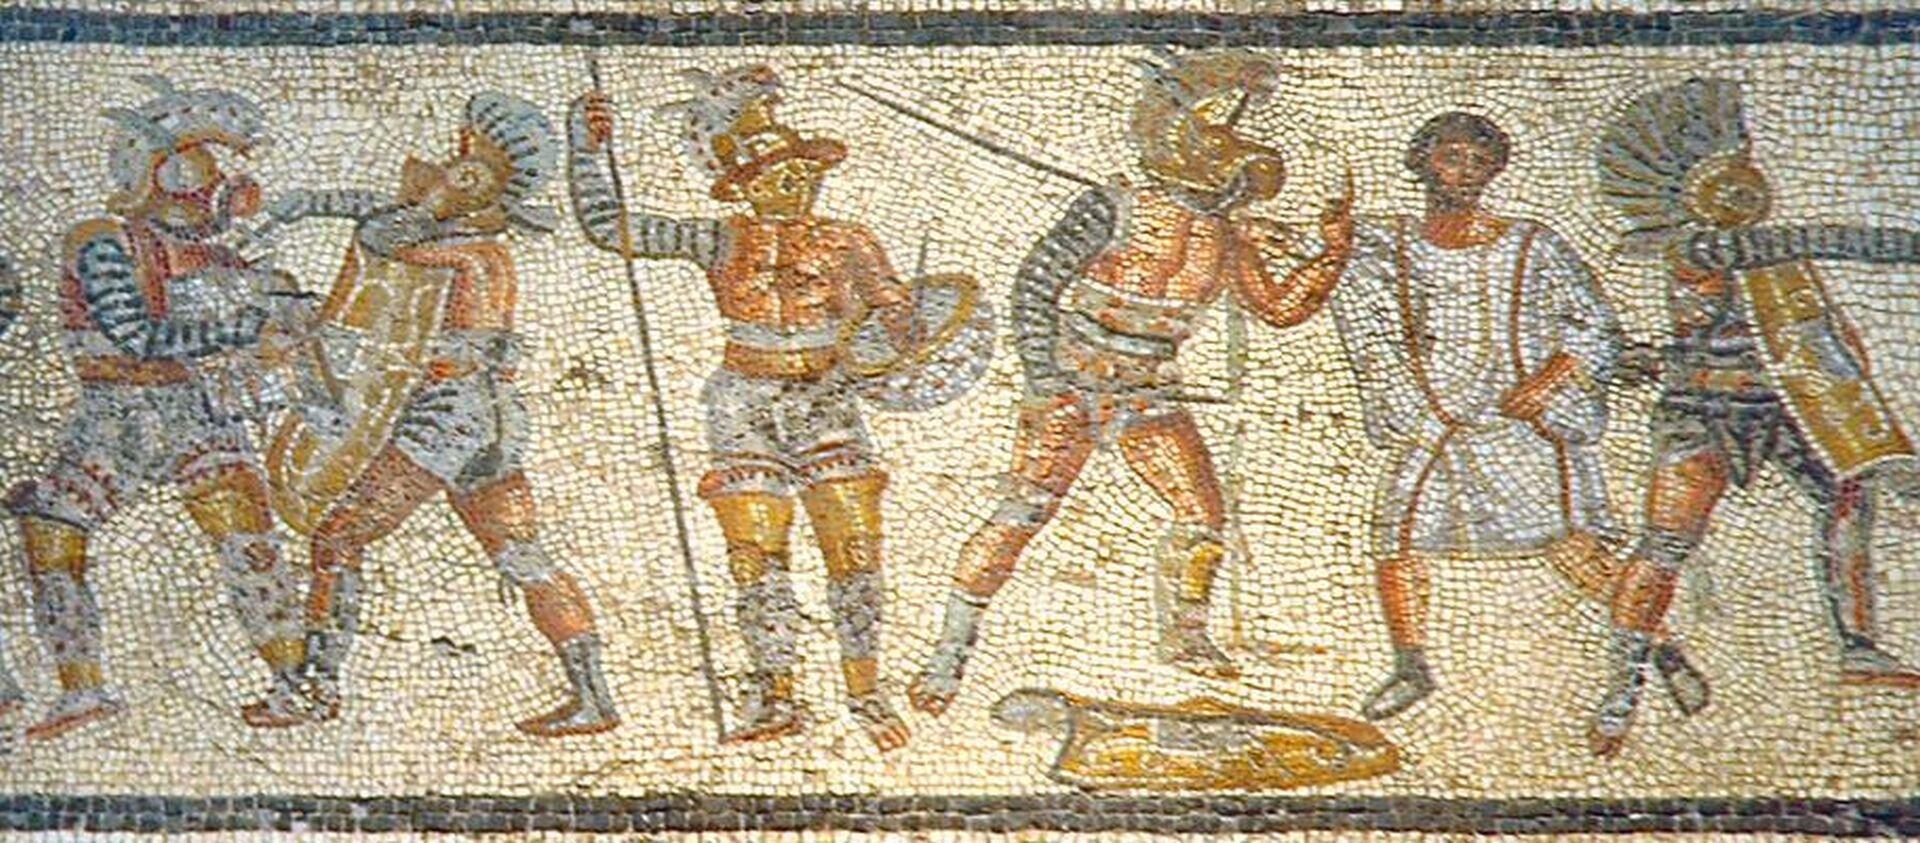 Ilustracja przedstawia rzymskich gladiatorów. Dzieło ukazuje sceny zczasu walki wojowników. Gladiatorzy są opancerzani od stóp do głów. Osłaniały ich hełmy ozdobione wielkim grzebieniem ipiórami oraz metalowe nagolenniki. Wojownicy wyposażeni byli we włócznię oraz okrągłą lub podłużną tarczę. Mozaika wykończona jest czarno-białą geometryczną granicą.